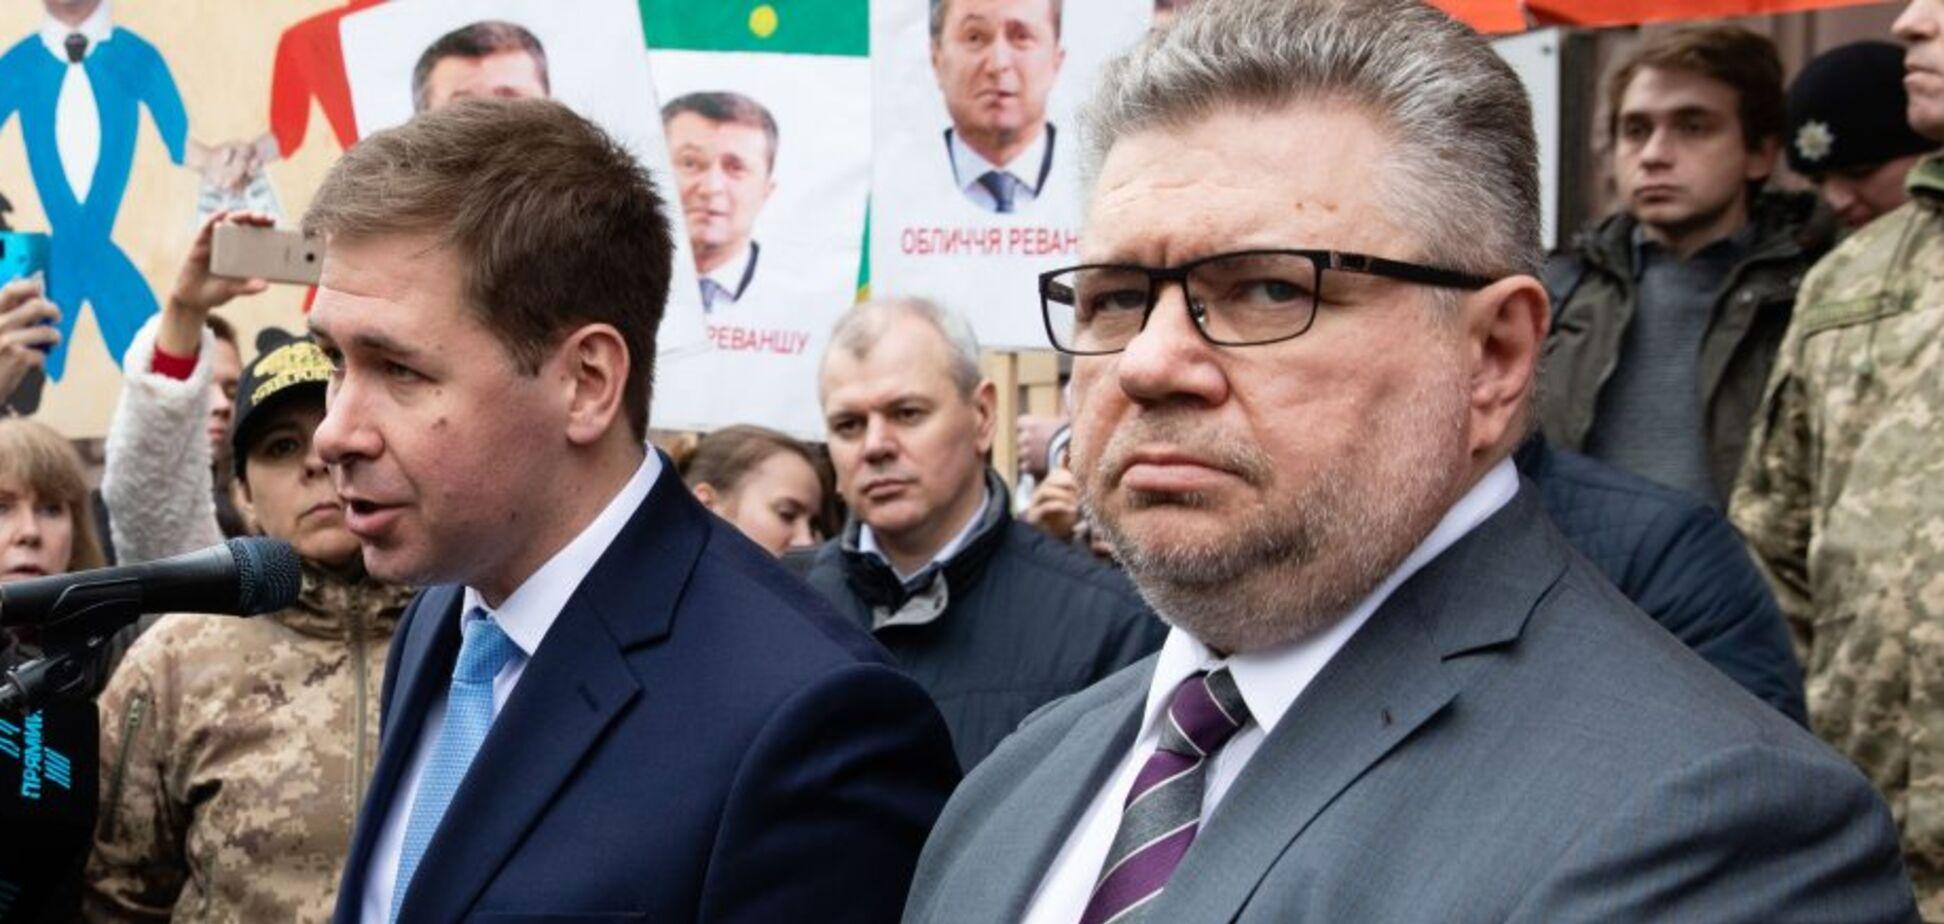 Адвокаты Порошенко сообщили, что допрос не состоится